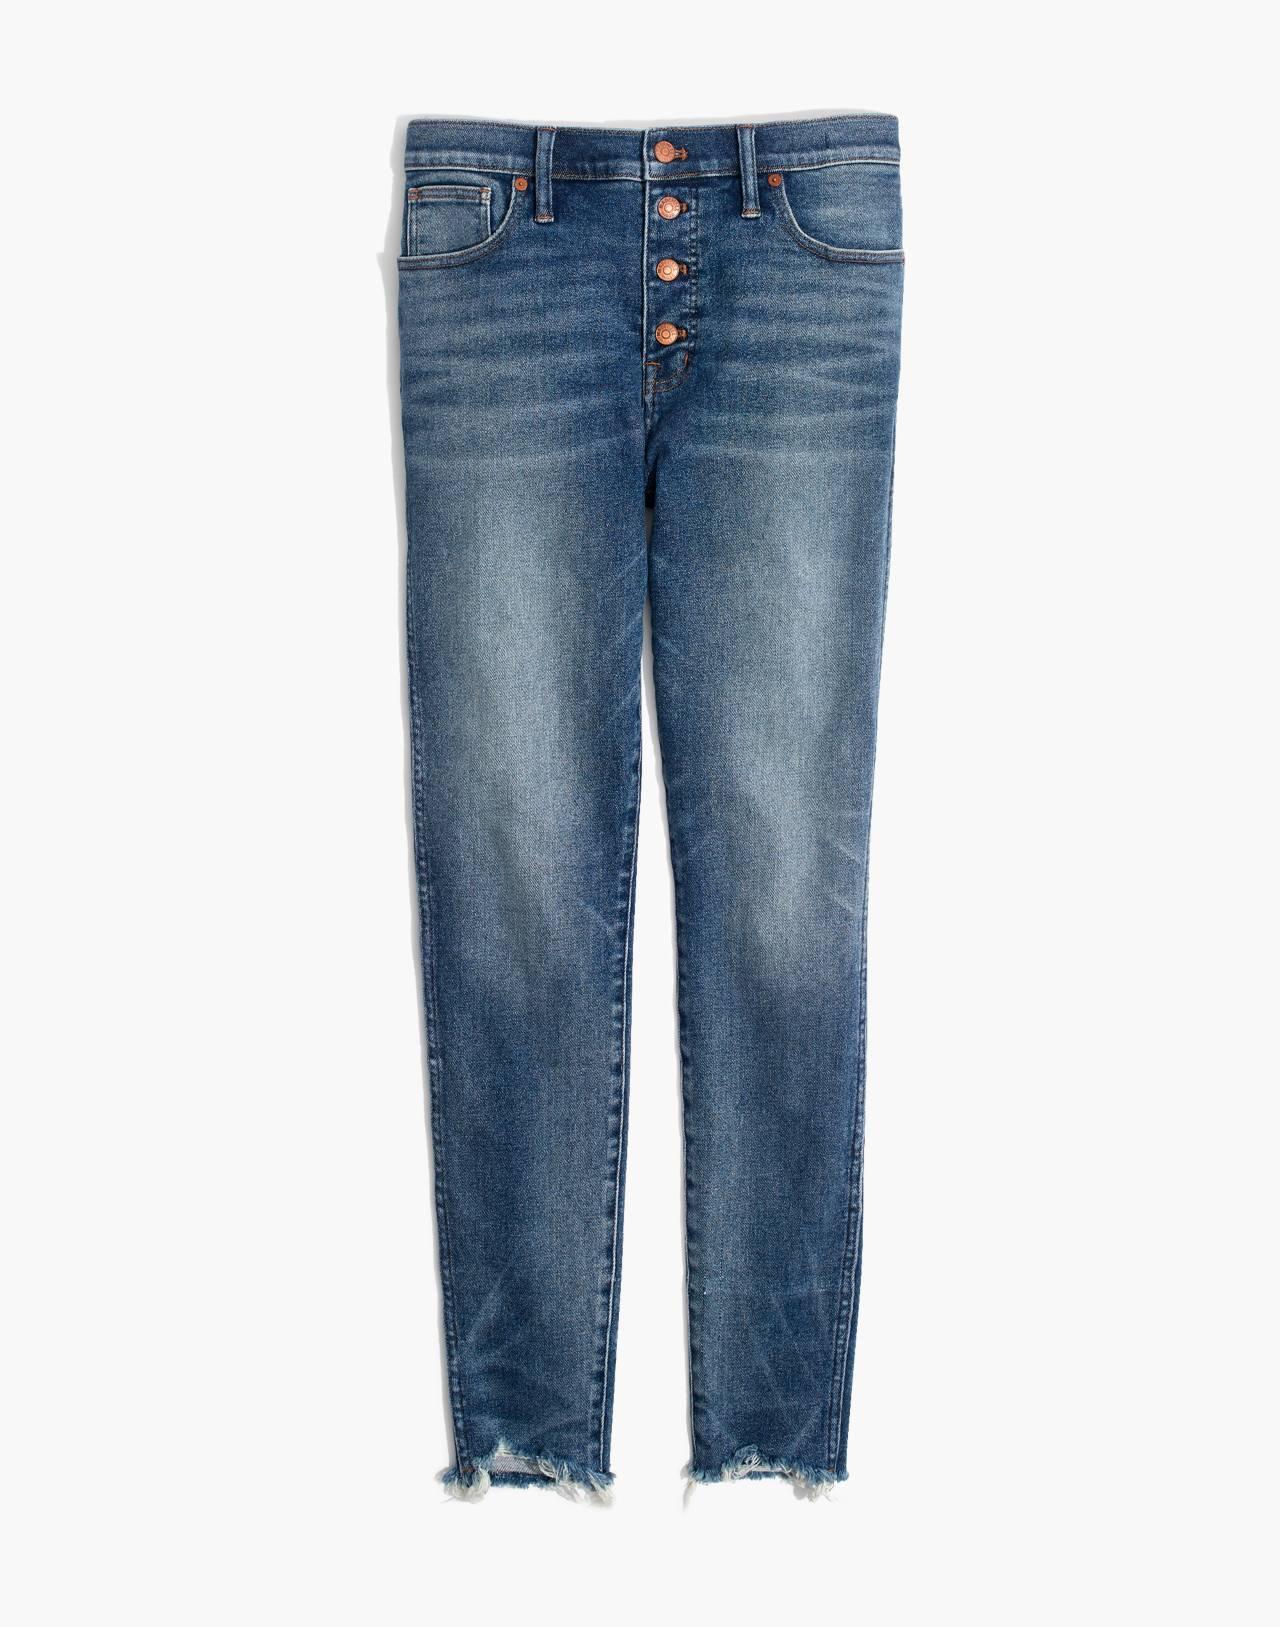 """10"""" High-Rise Skinny Jeans in Cordova Wash: Button-Front Edition in cordova wash image 4"""